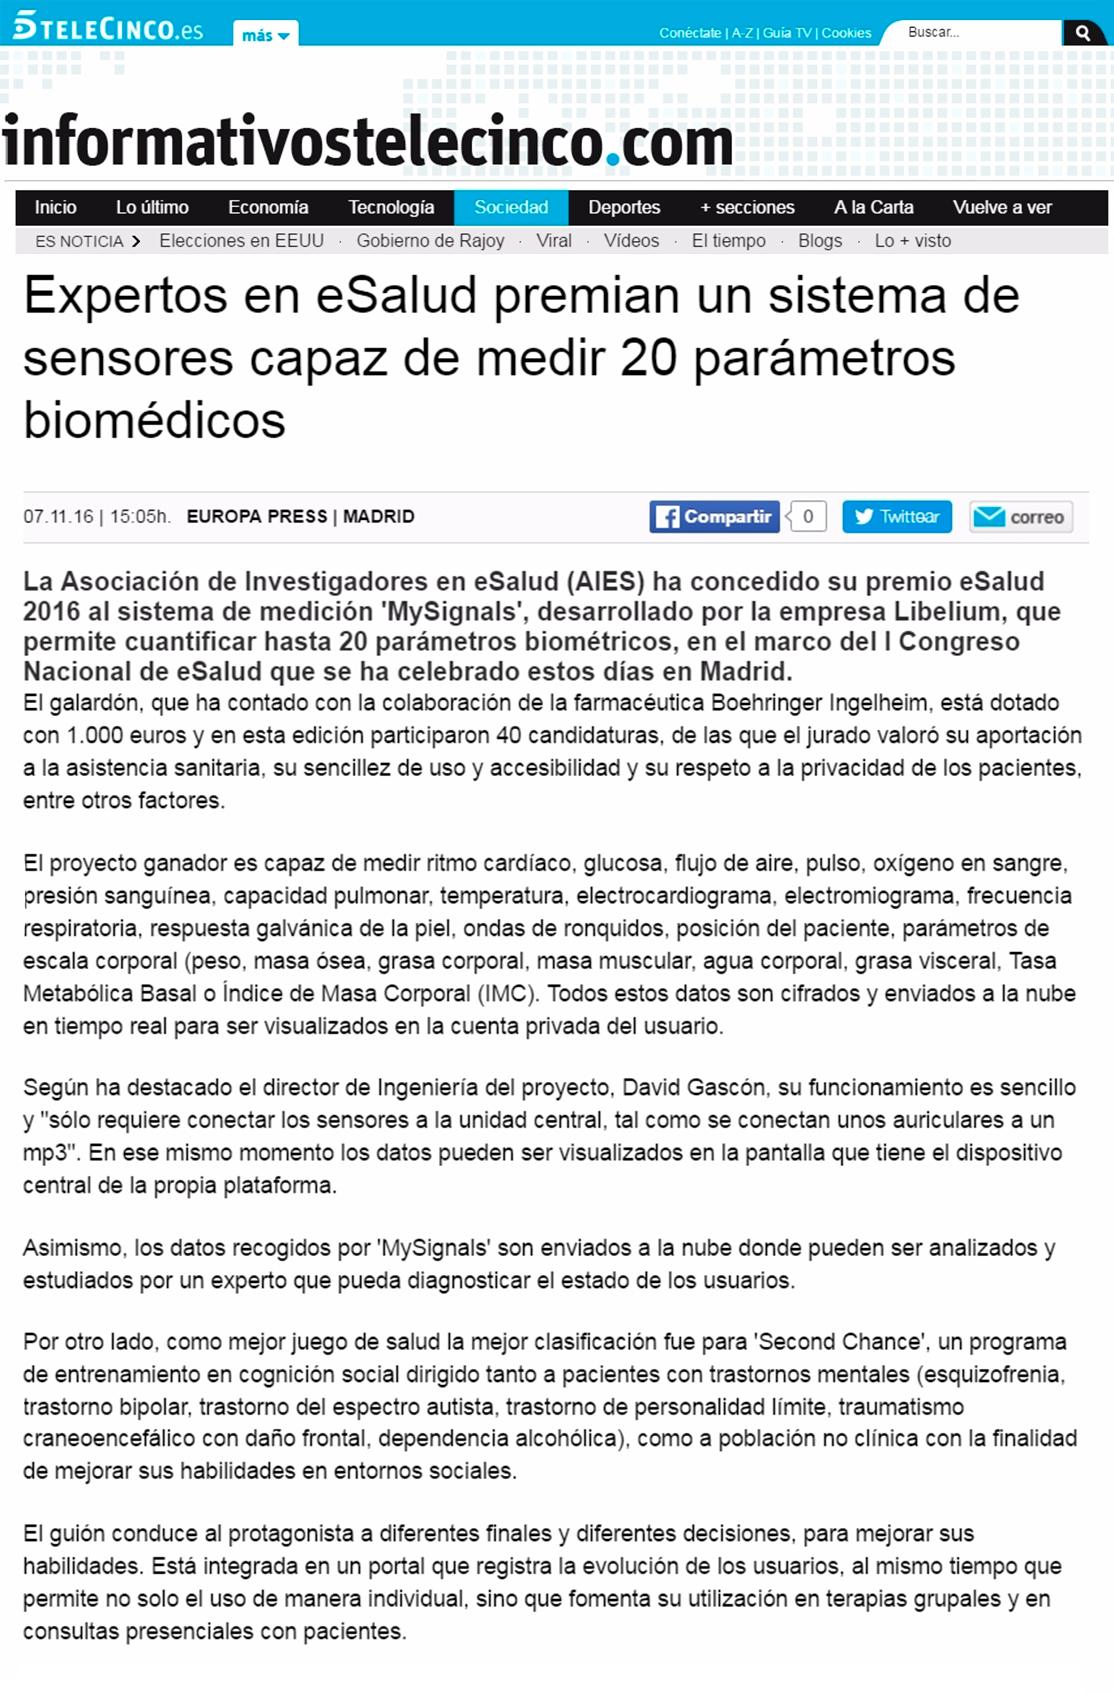 Telecinco.es – Expertos en eSalud premian MySignals